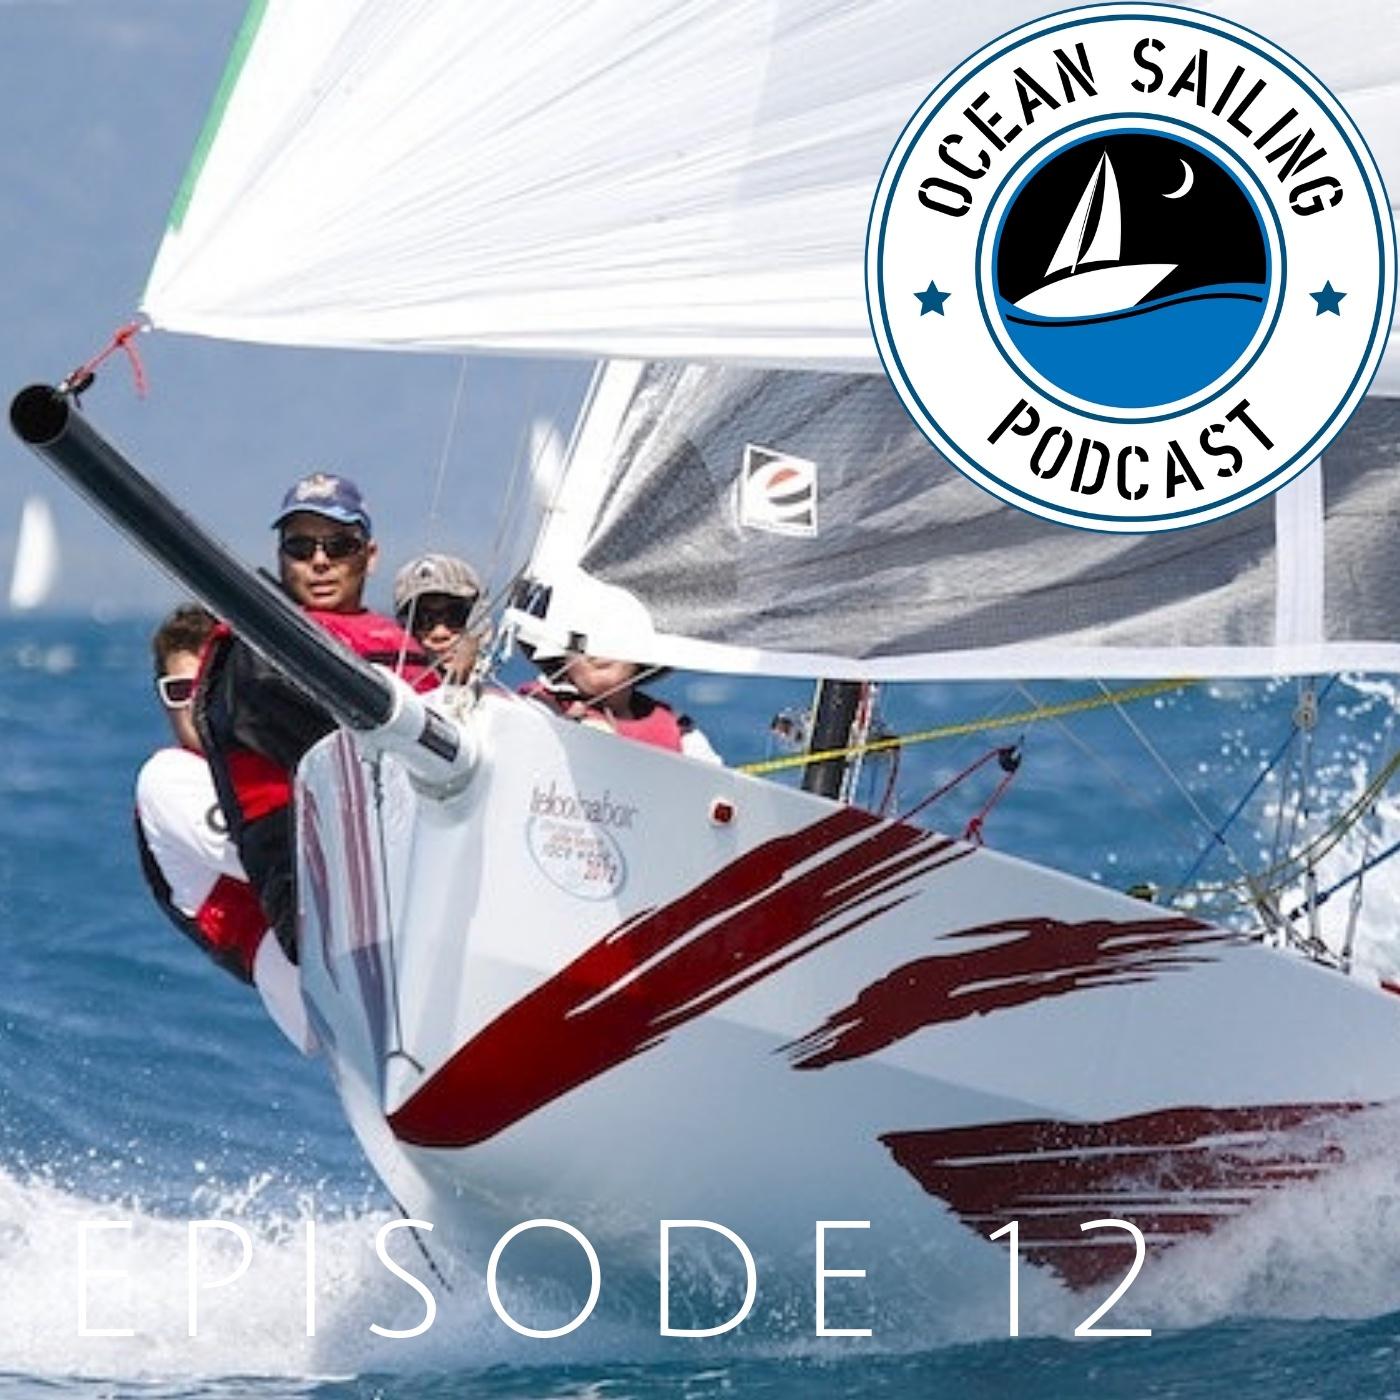 Evolution sails Rob White Graham Sherring